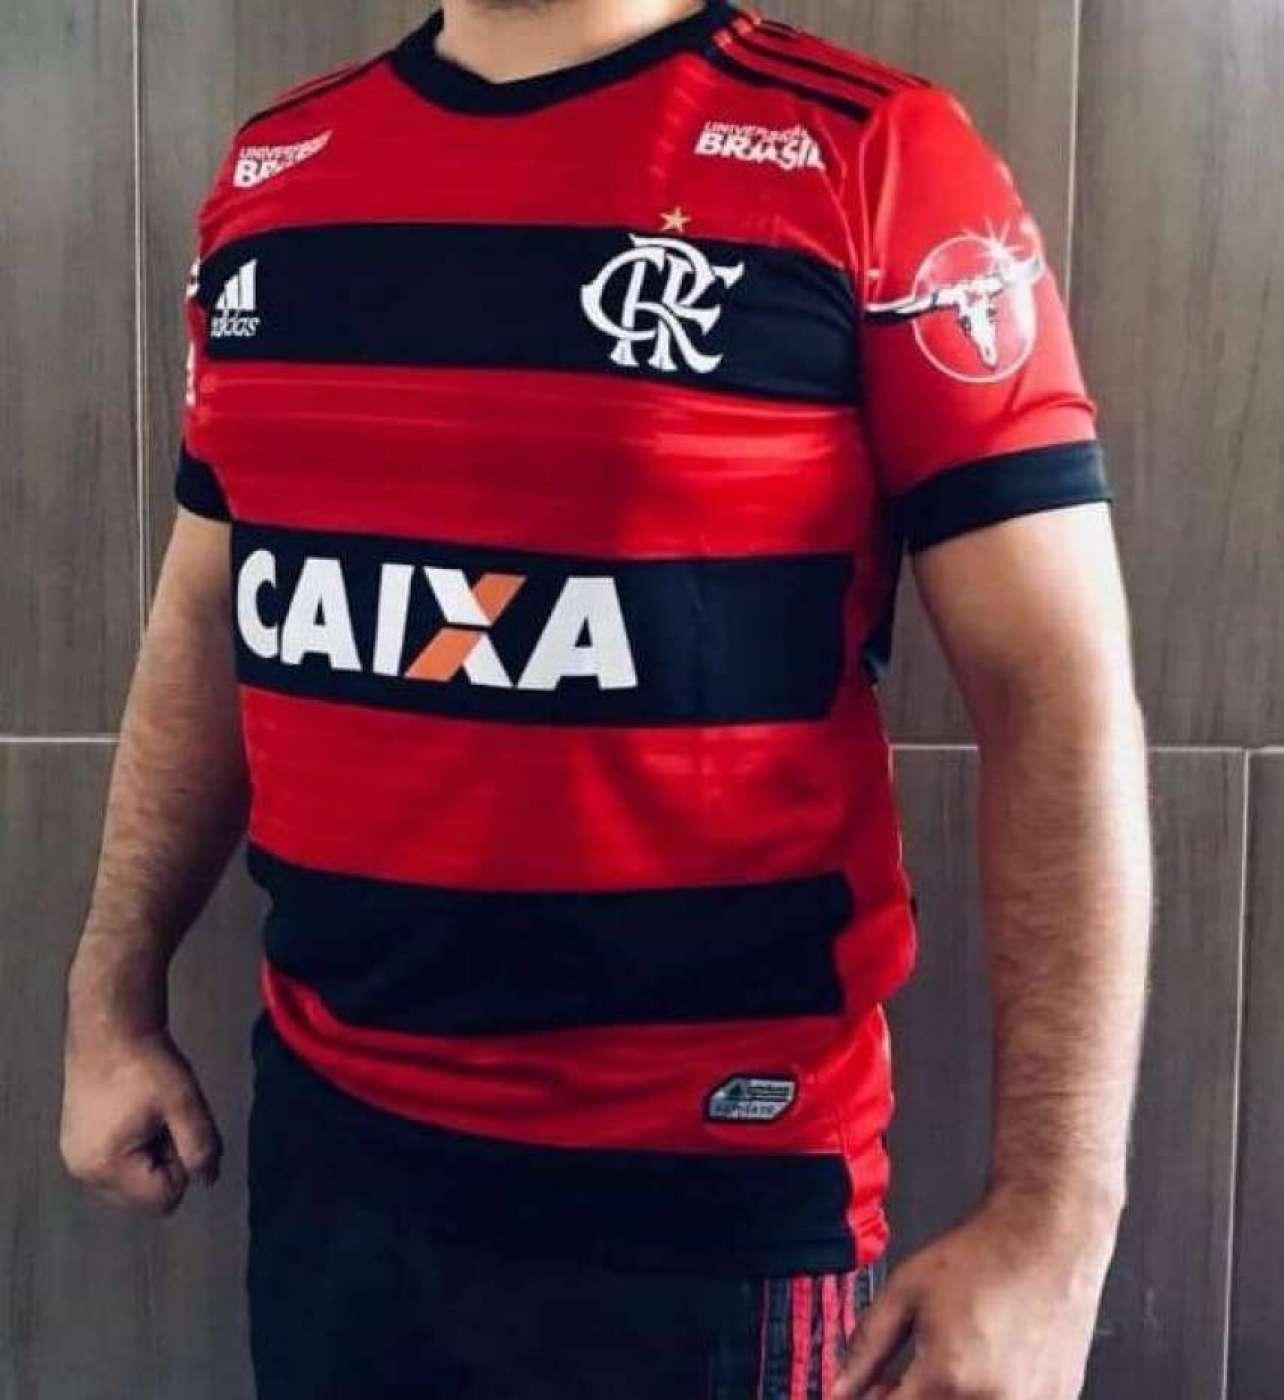 60f82c8f8a Novo uniforme do Flamengo vaza na Internet. Confira as imagens O Dia ...